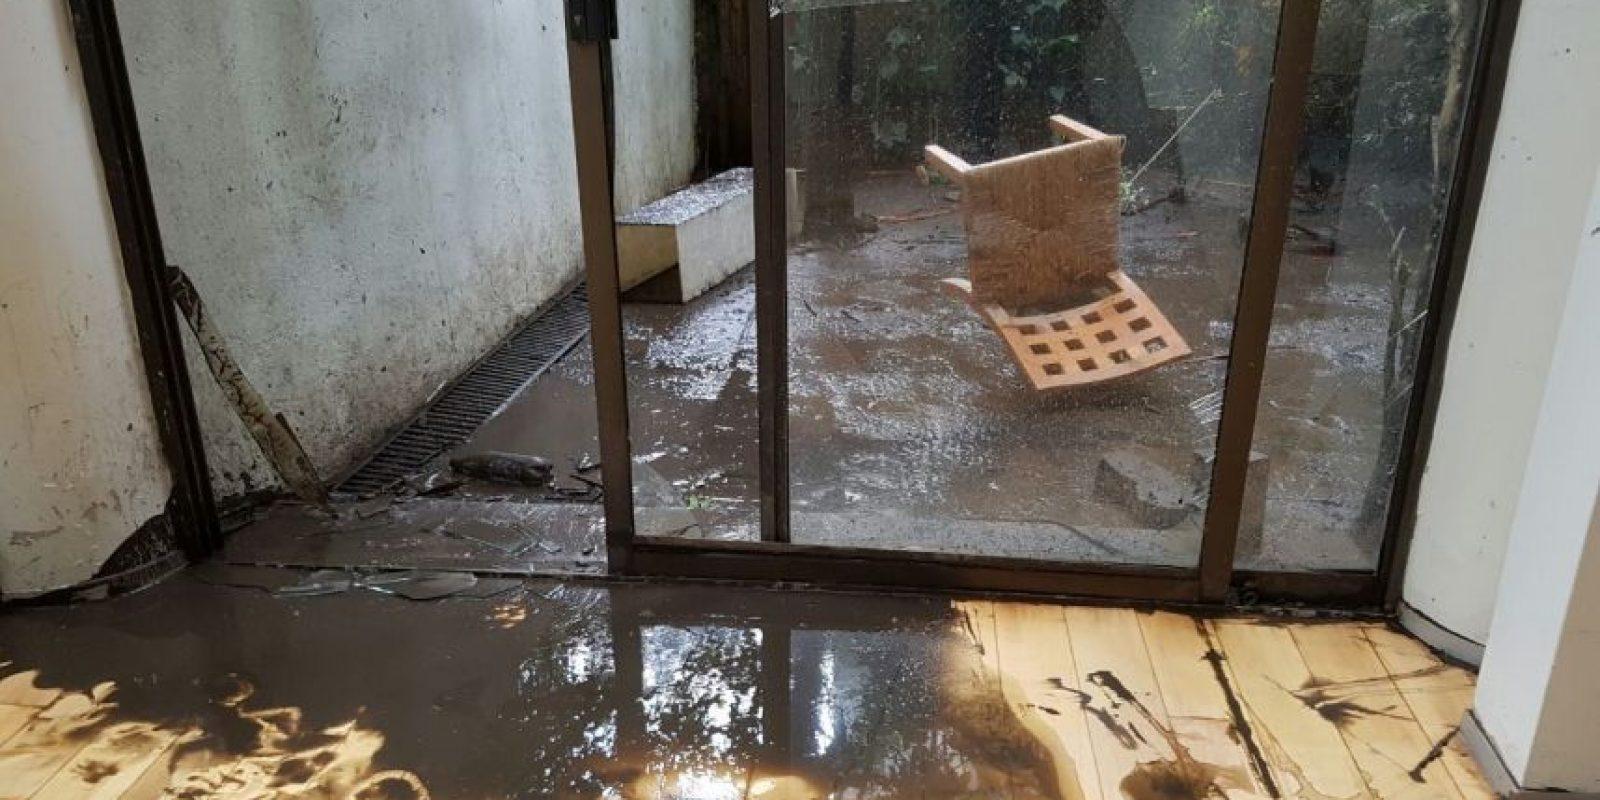 De acuerdo con los vecinos de la zona es la peor inundación que han tenido Foto:Ignacio Gómez